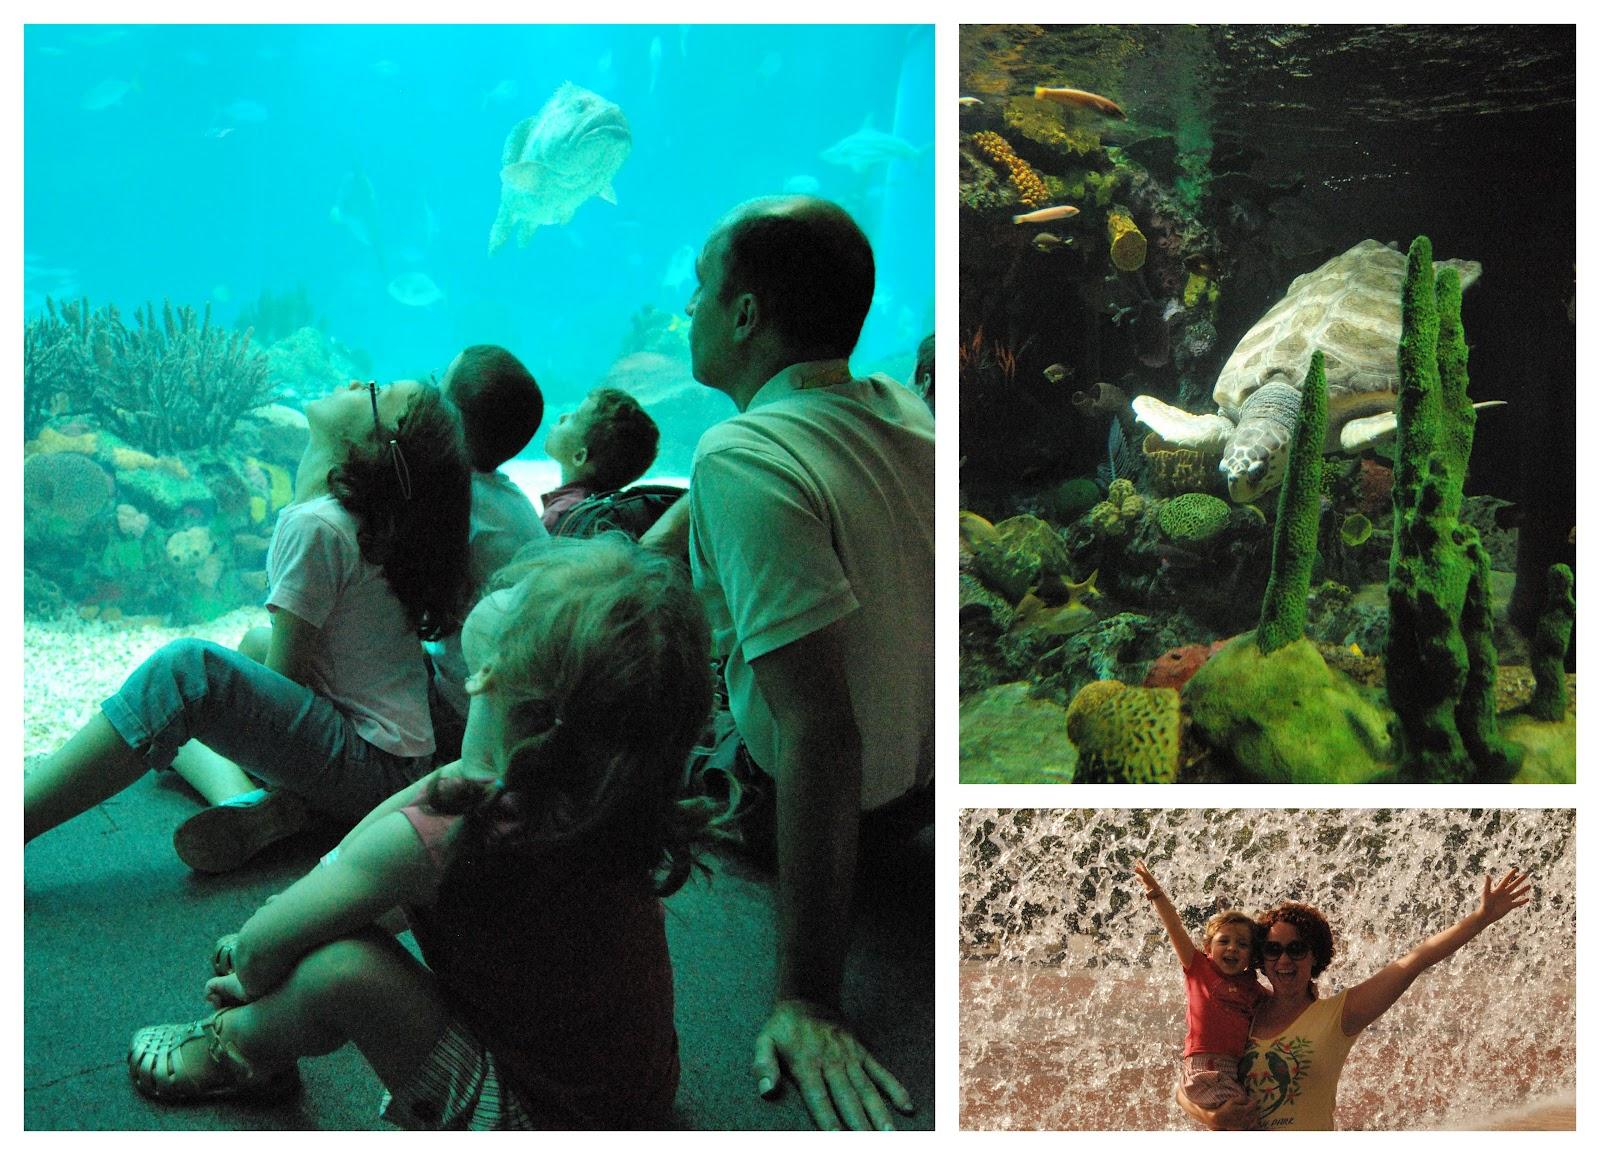 #04BDC7 Todo mundo sentado observando o grande aquario a tartaruga gigante da  1600x1155 px tamanho banheiro adaptado